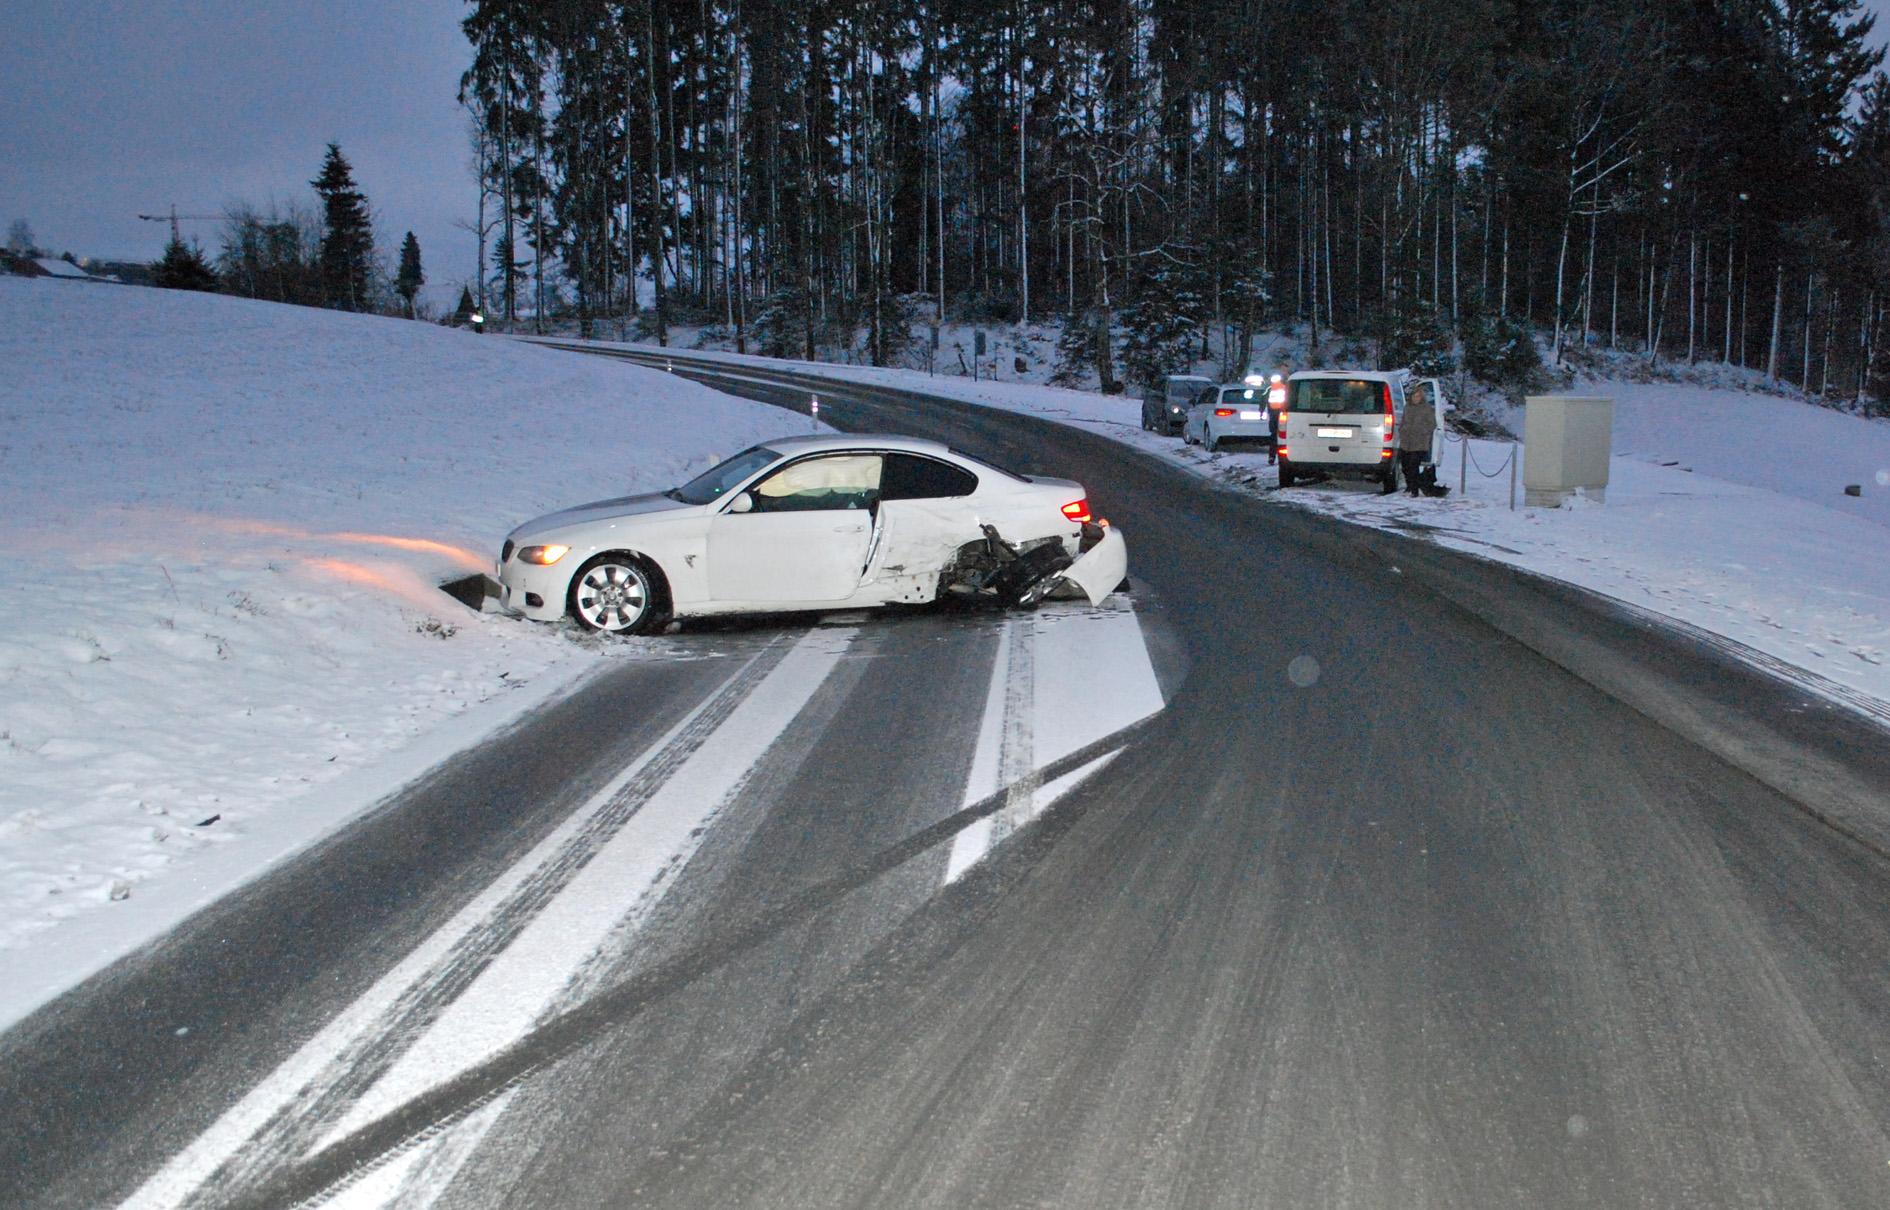 Heikle Strassenverhältnisse führen zu weiteren Unfällen